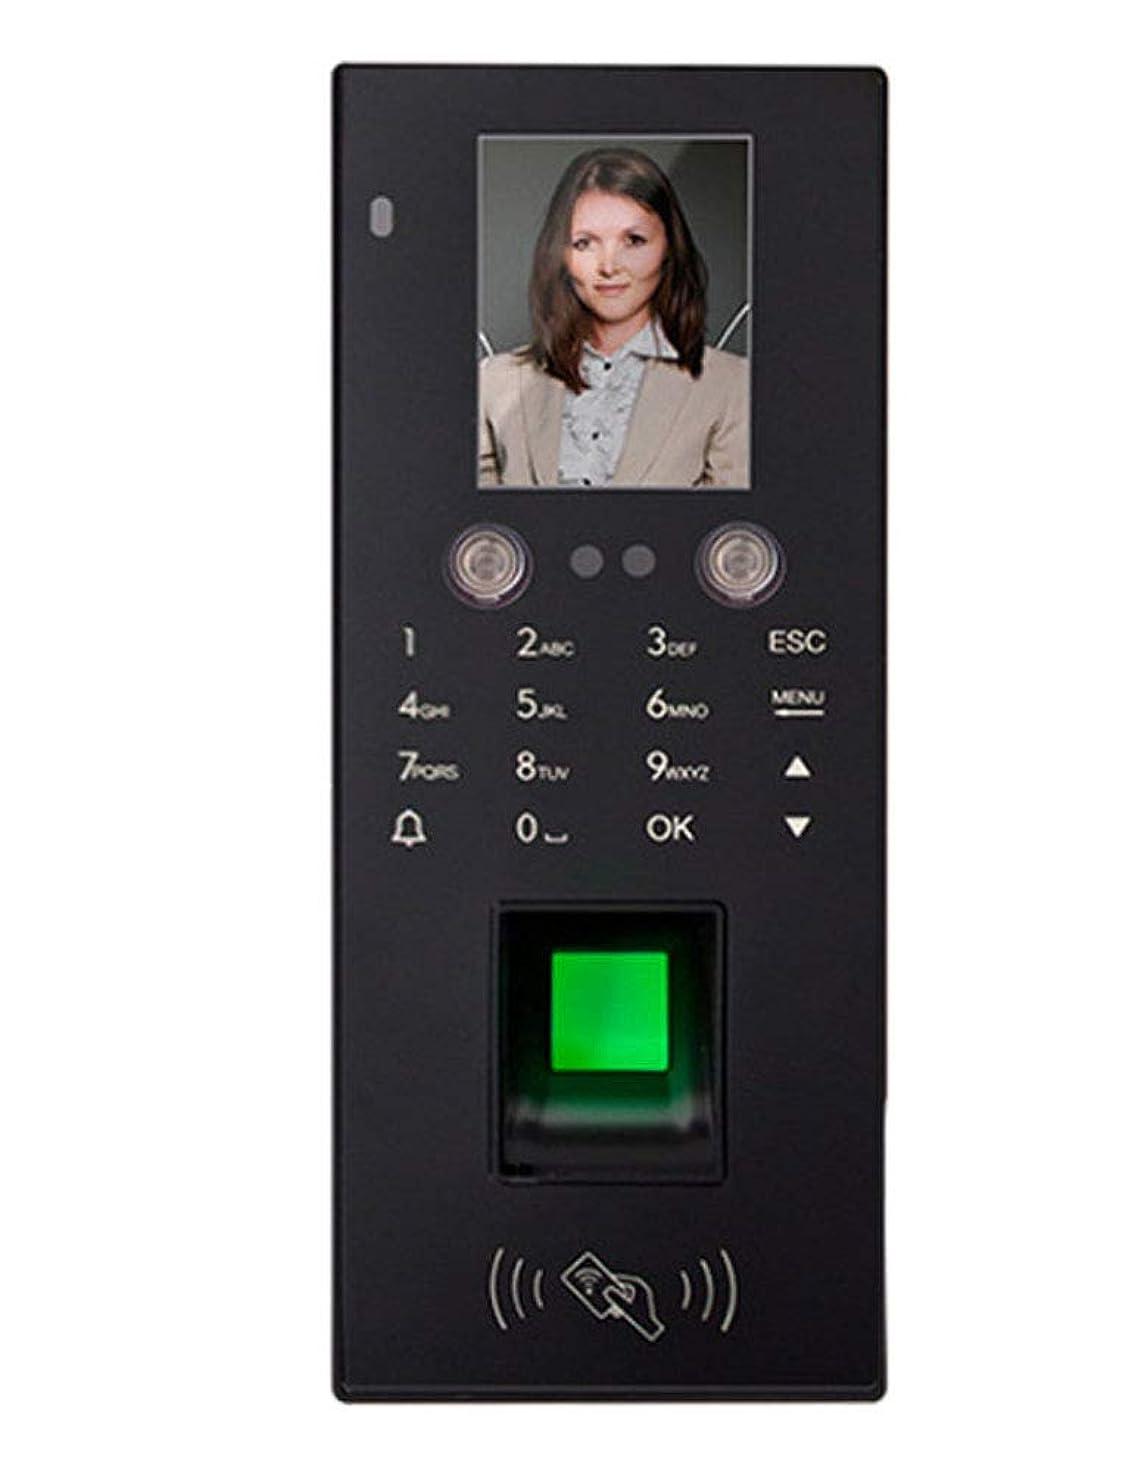 音声学スクラブ吸収剤スマートな顔認識のアクセス管理機械、パスワード指紋のアクセス管理および出席機械、磁気ロックのアクセス管理-black